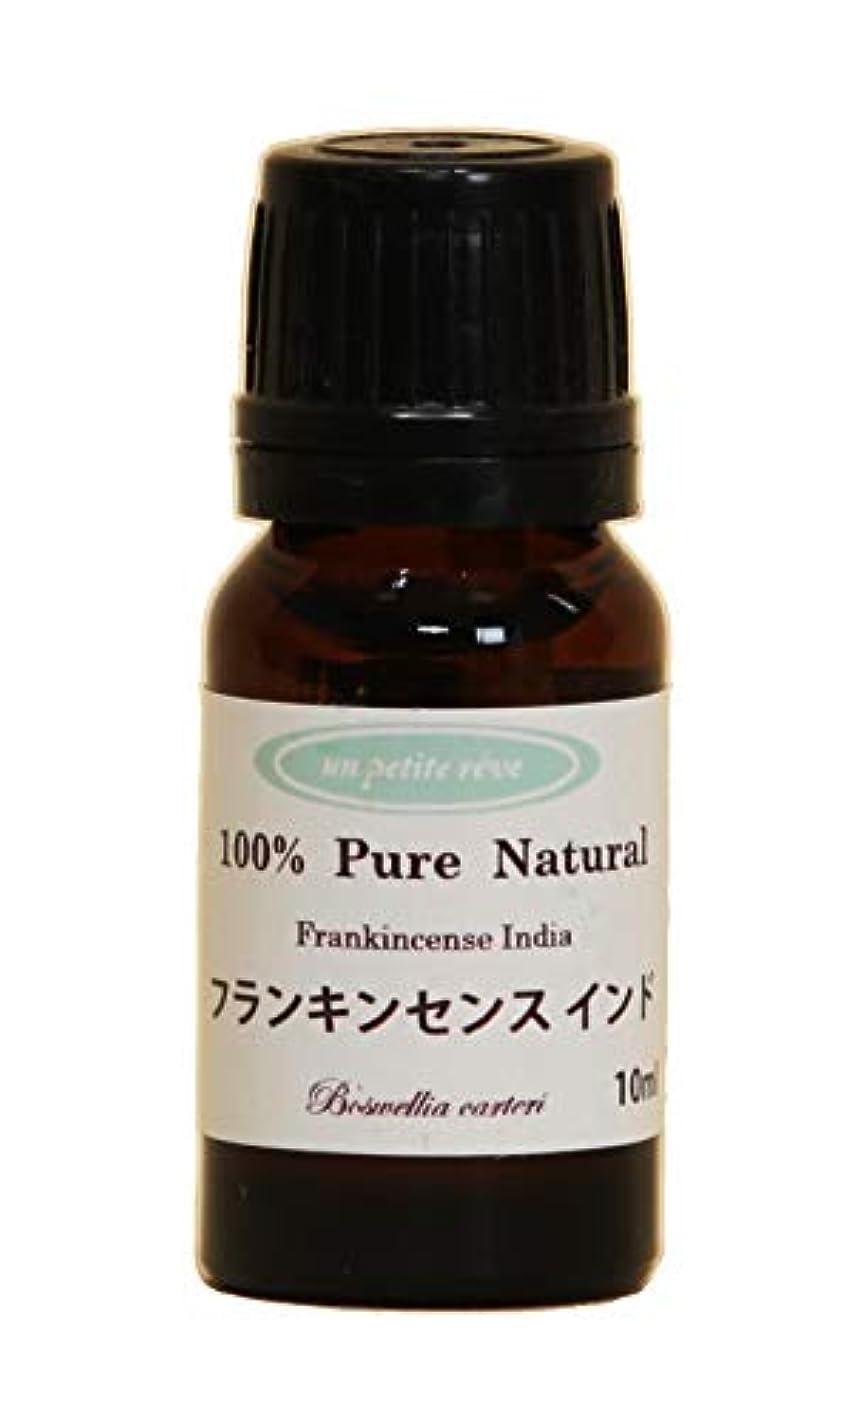 冷淡な会社硬化するフランキンセンスインド10ml 100%天然アロマエッセンシャルオイル(精油)